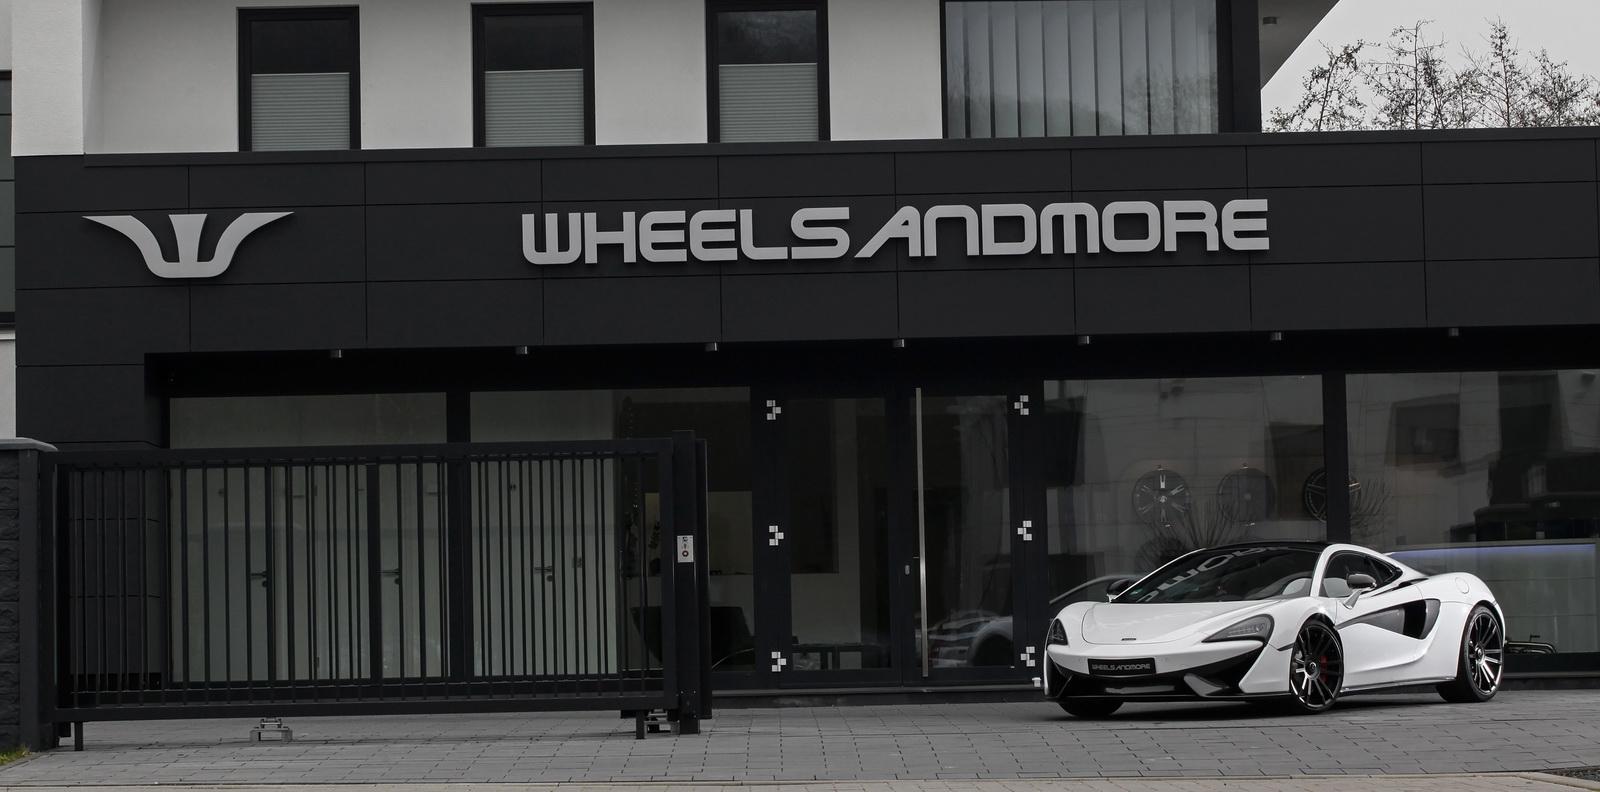 McLaren_570GT_wheelsandmore_14